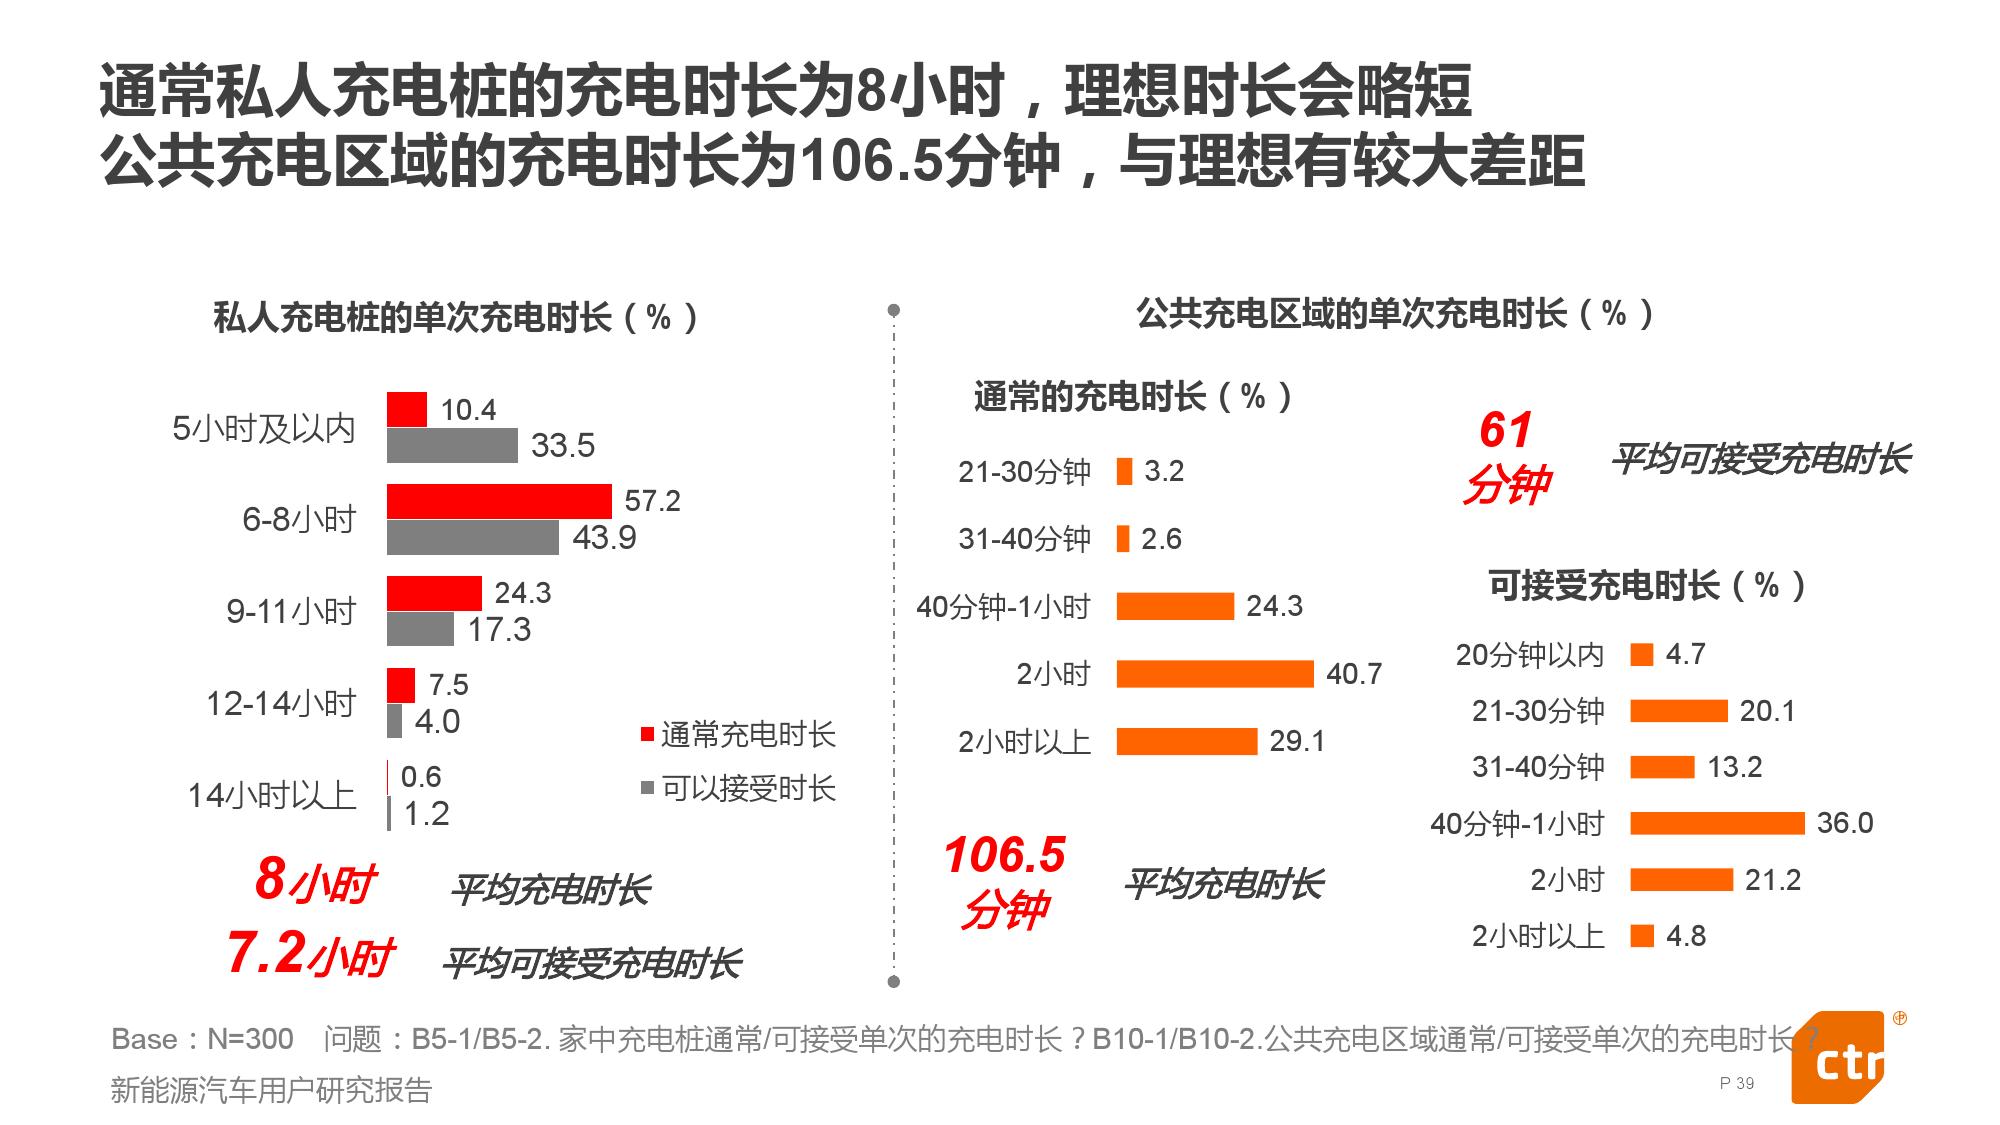 新能源汽车用户研究报告_000039